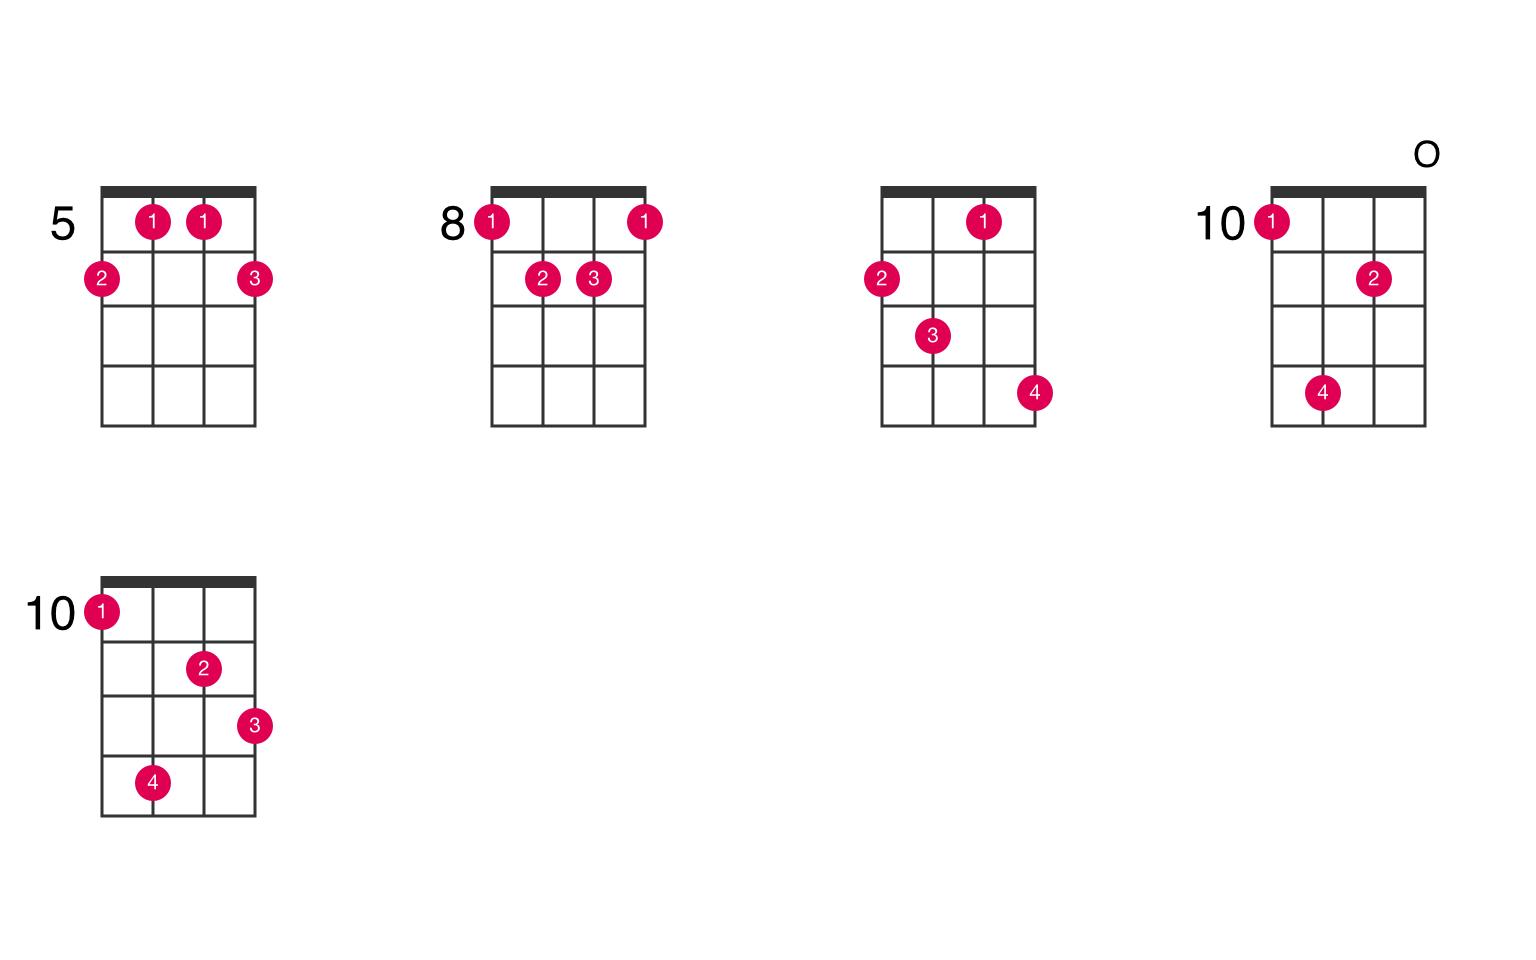 F augmented 7th ukulele chord - UkeLib Chords